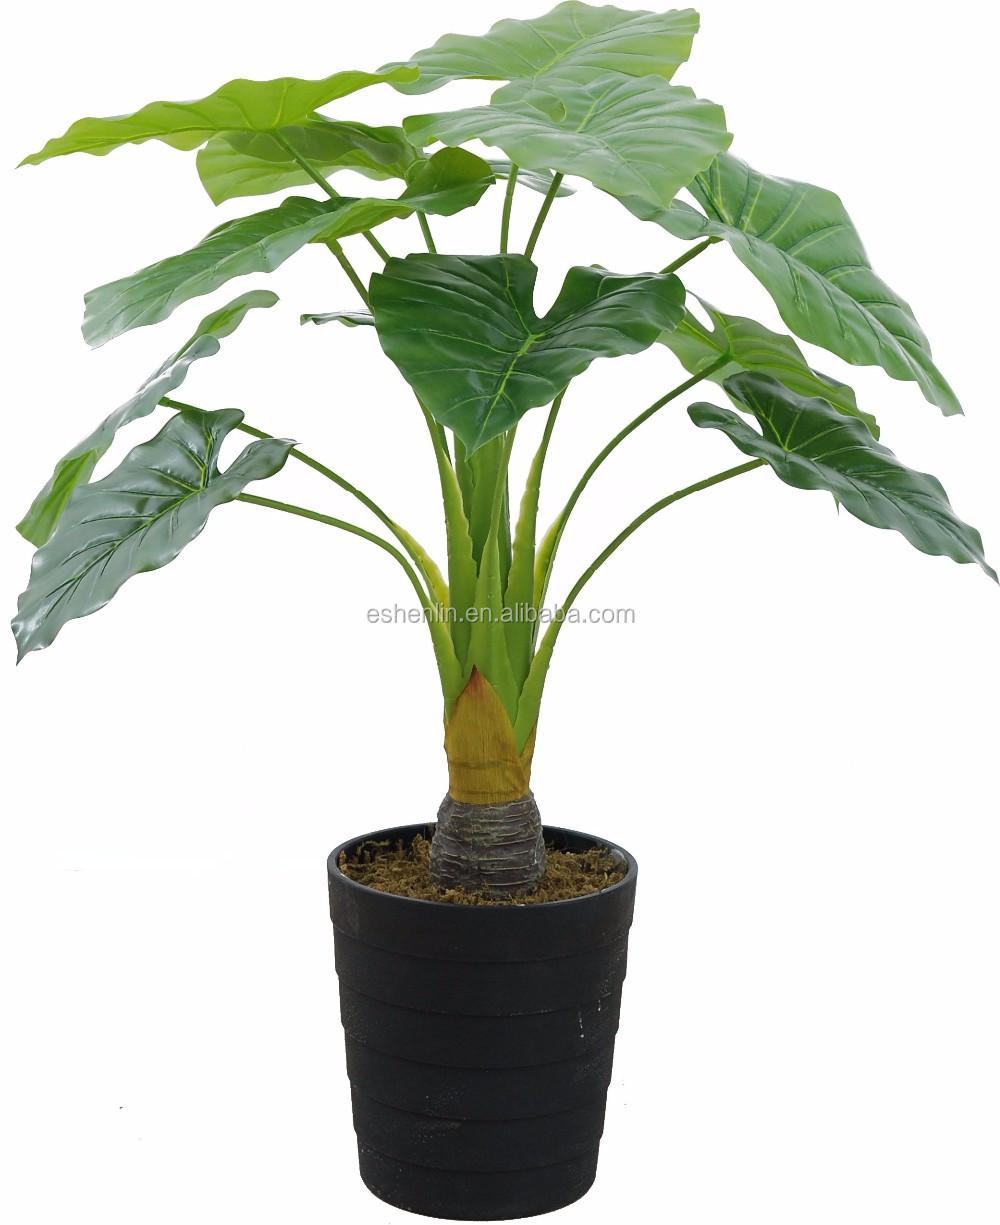 intérieur dégoulinant guanyin d'alocasia artificiel plantes lotus d